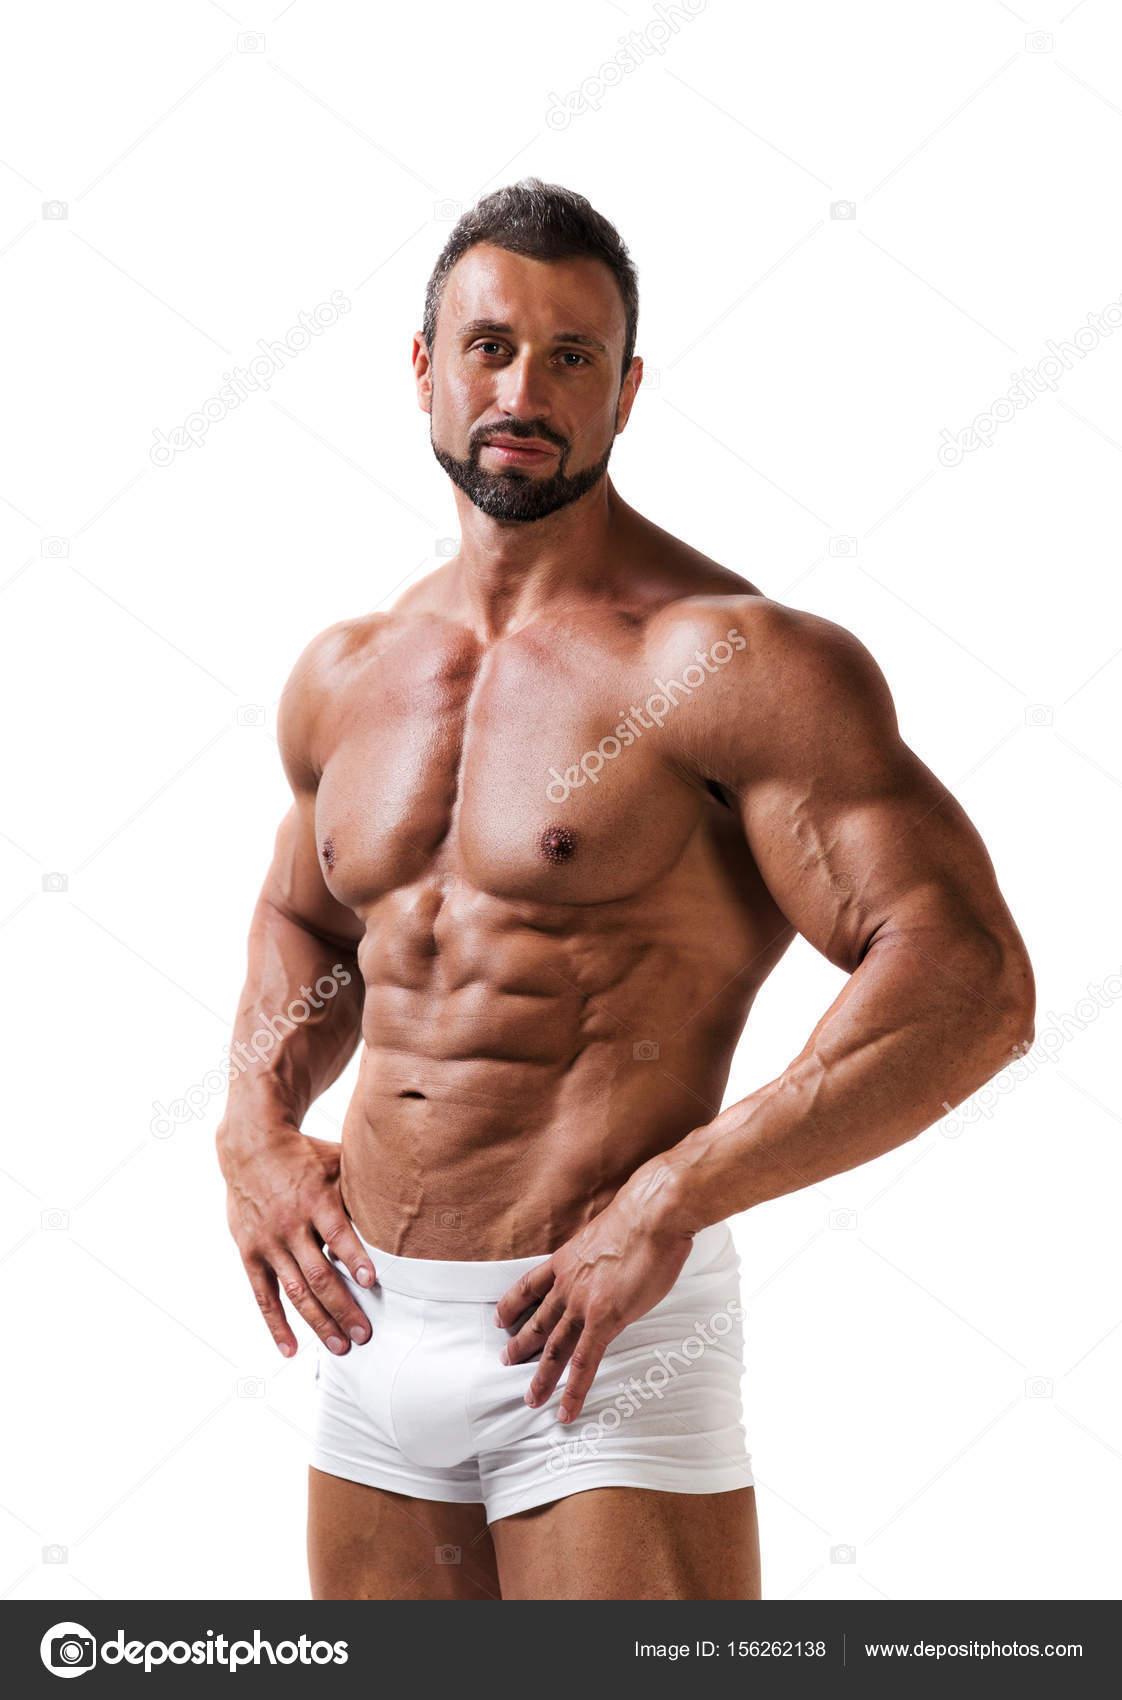 865e61d627 Atletic musculoso hombre en ropa interior aislada en un blanco - poses de modelos  hombres en traje de baño — Foto de ...